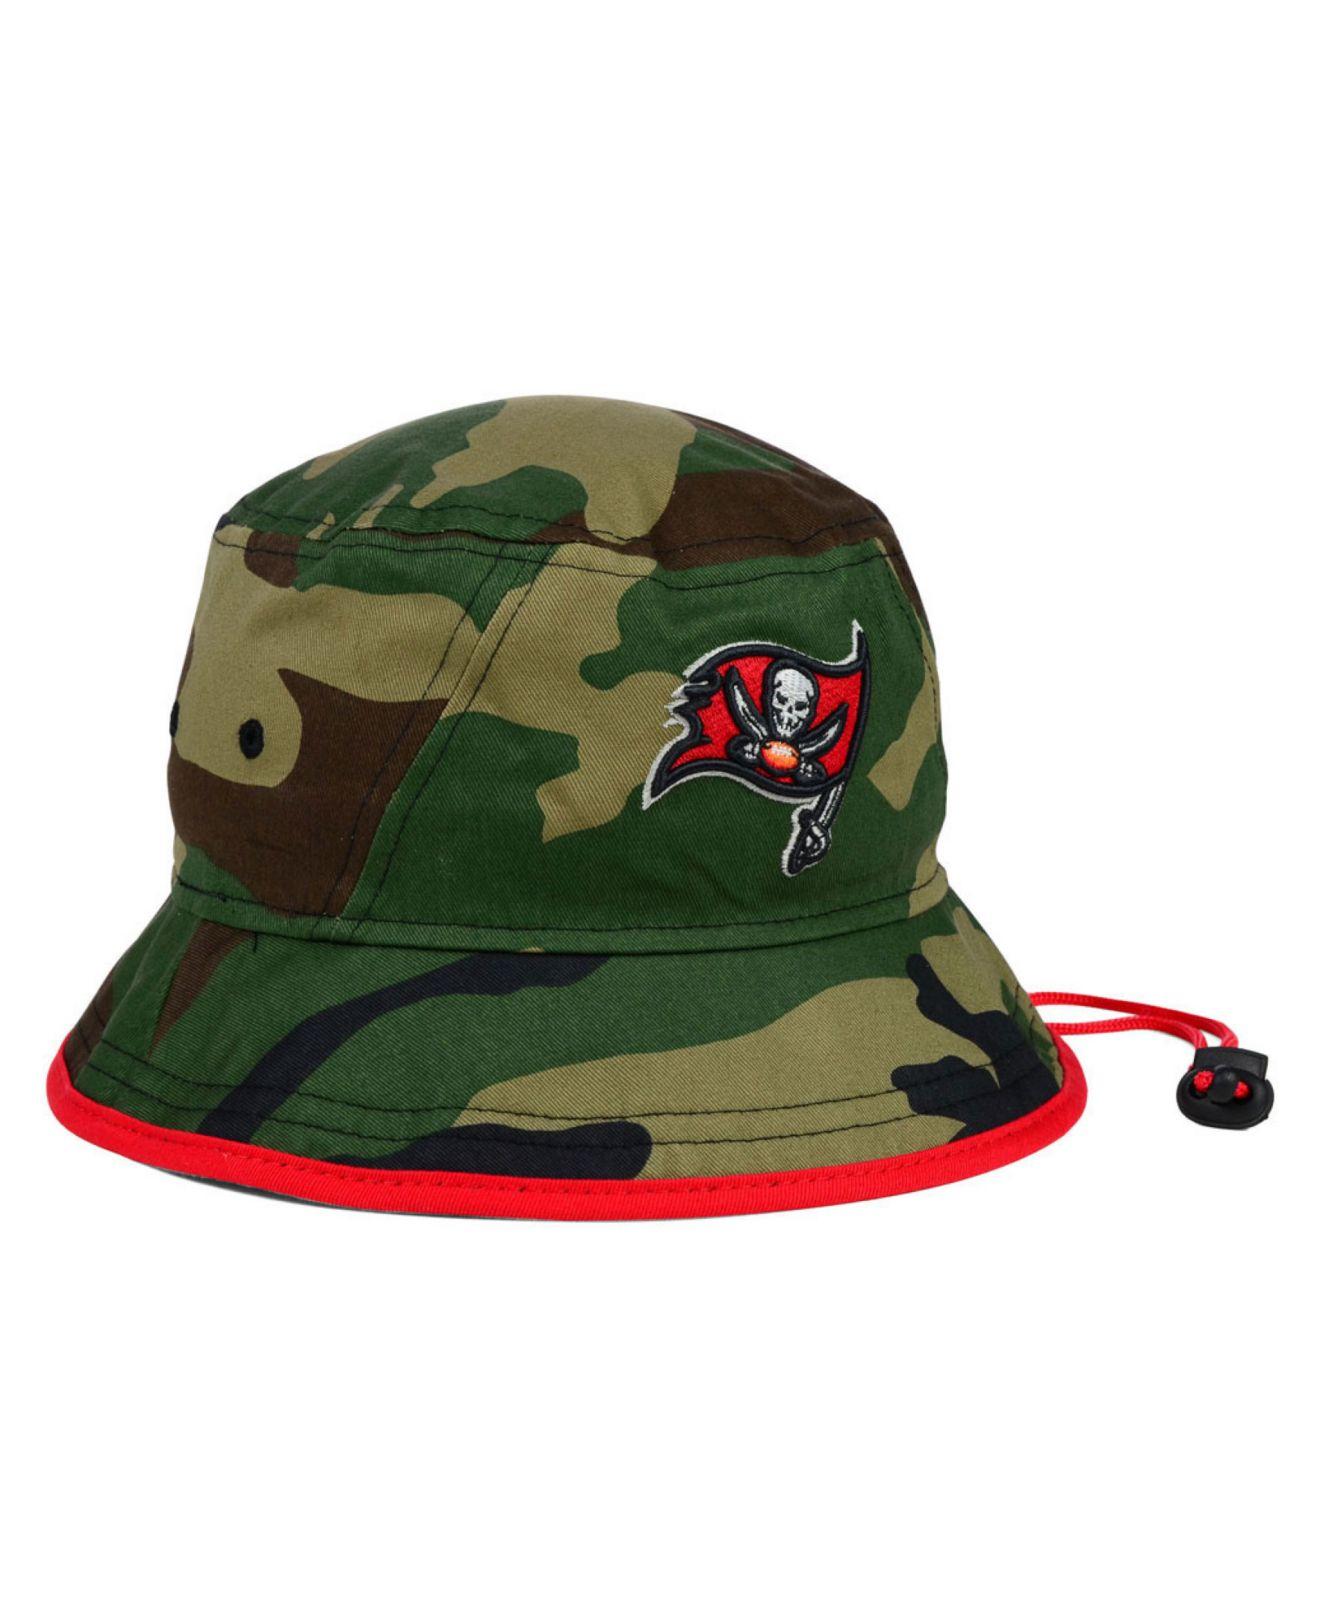 Lyst - KTZ Tampa Bay Buccaneers Camo Pop Bucket Hat in Green for Men b390c8acf8f